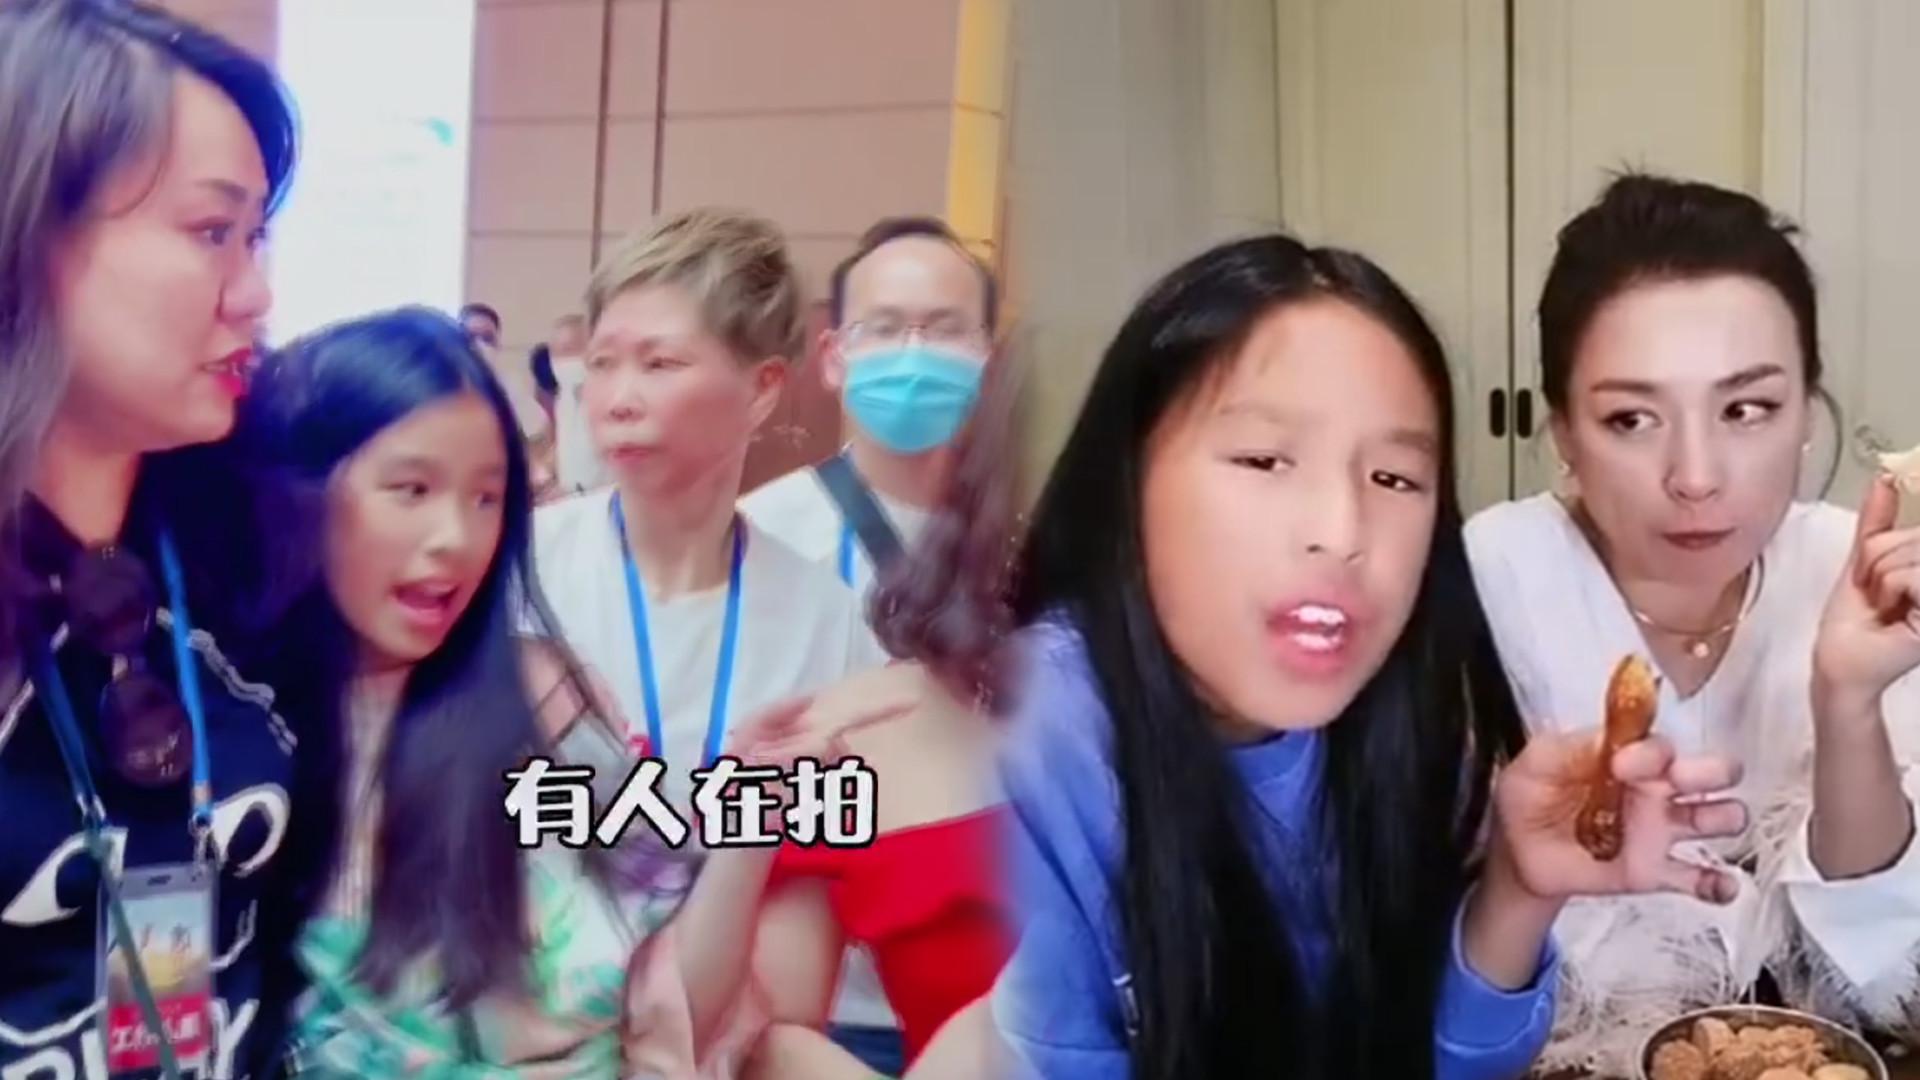 张庭女儿被怼脸拍提出抗议,刘瑞阳的一句话,瞬间暴露家庭教养